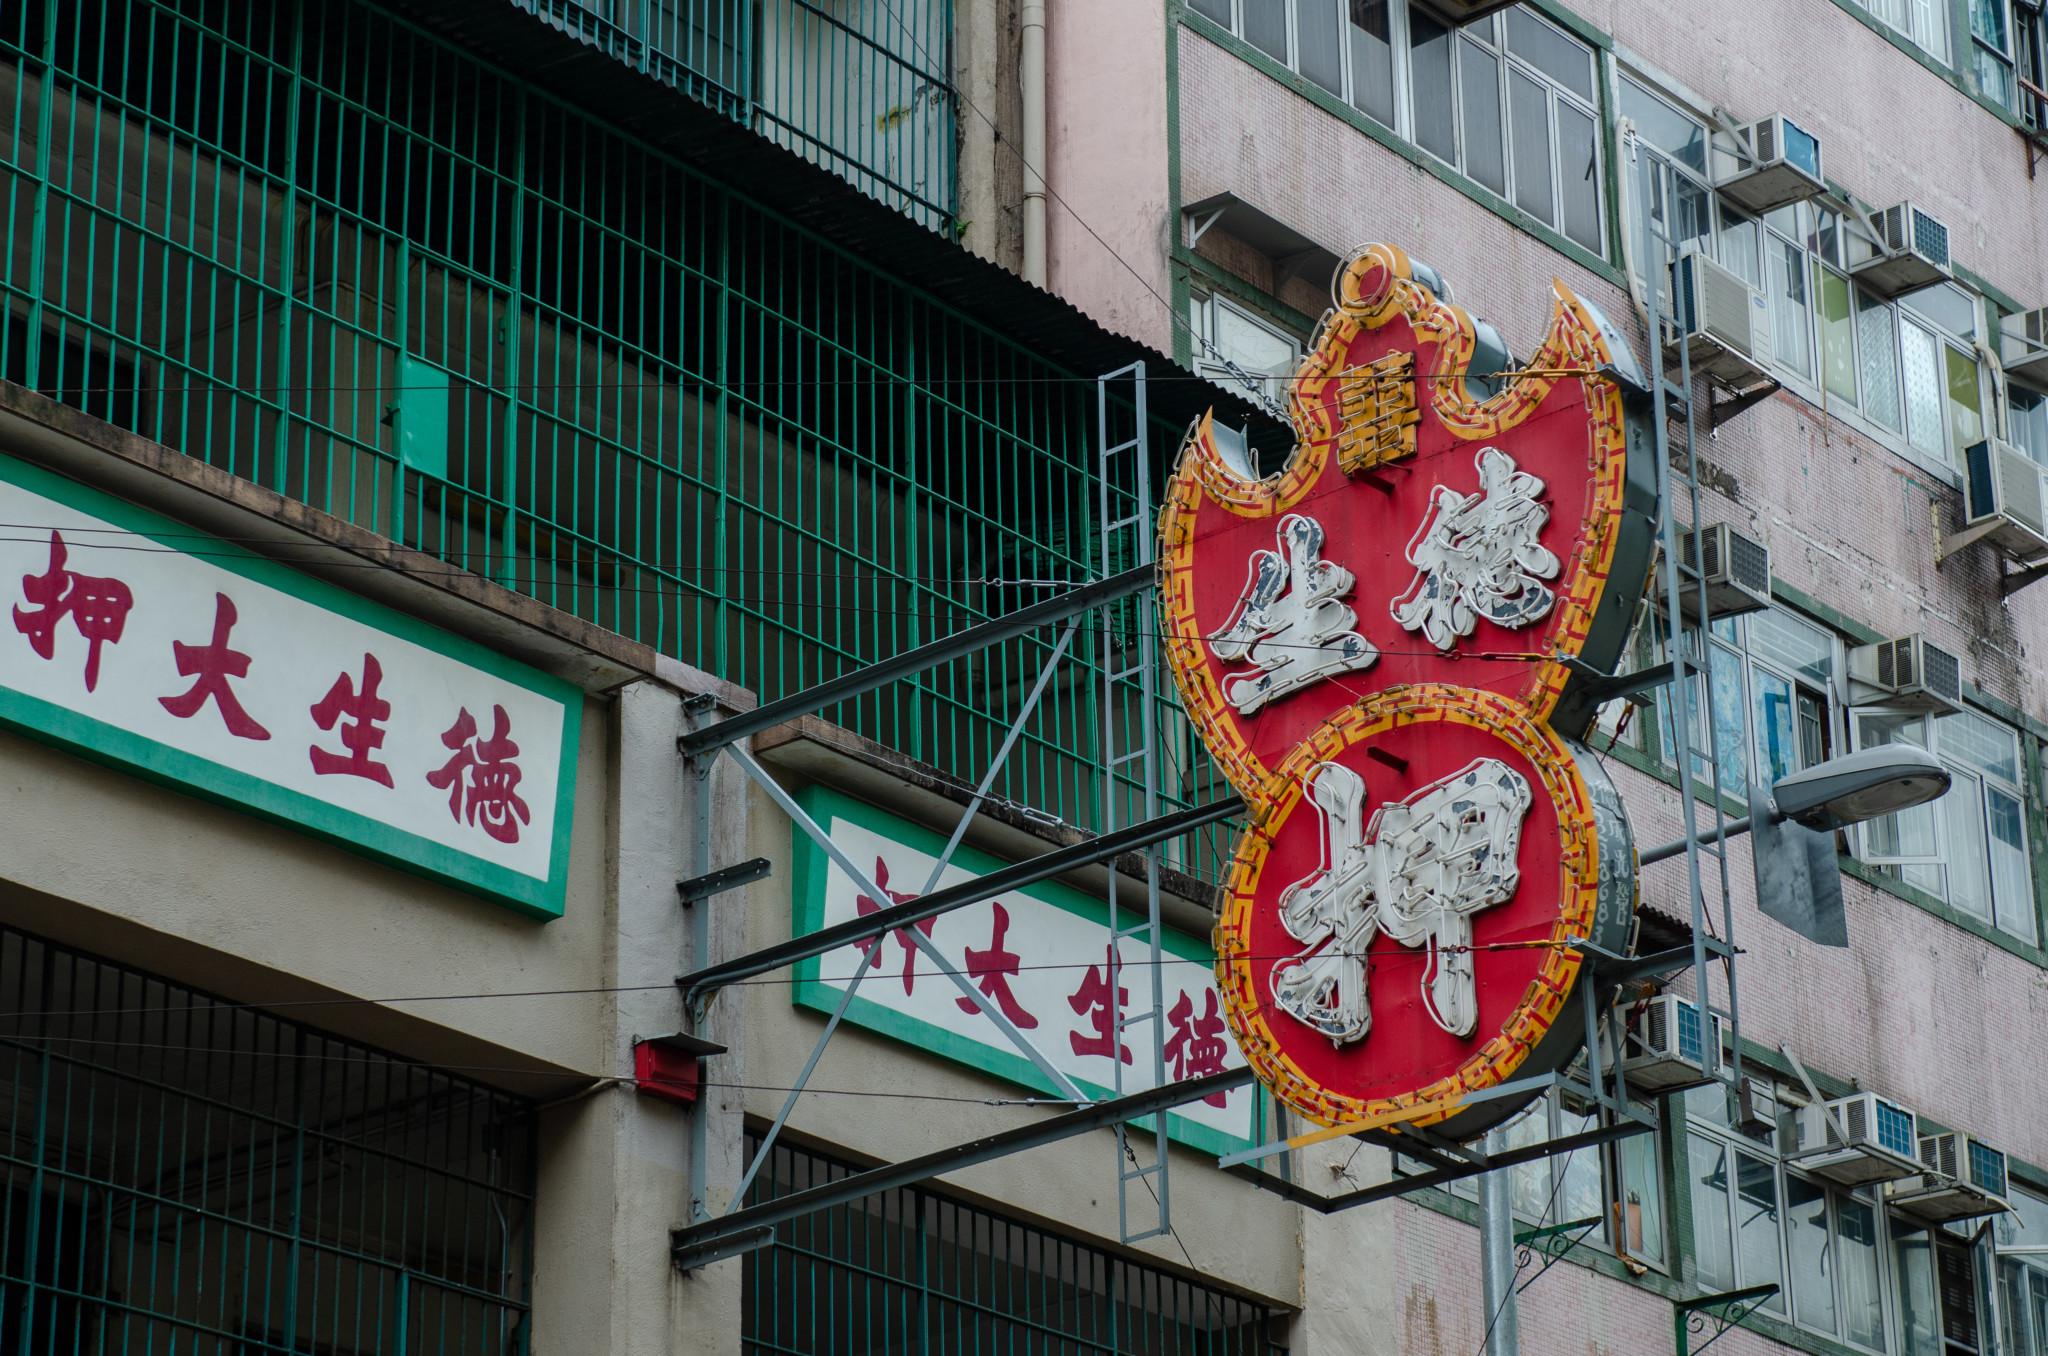 Neonschilder sind typisch für Mongkok